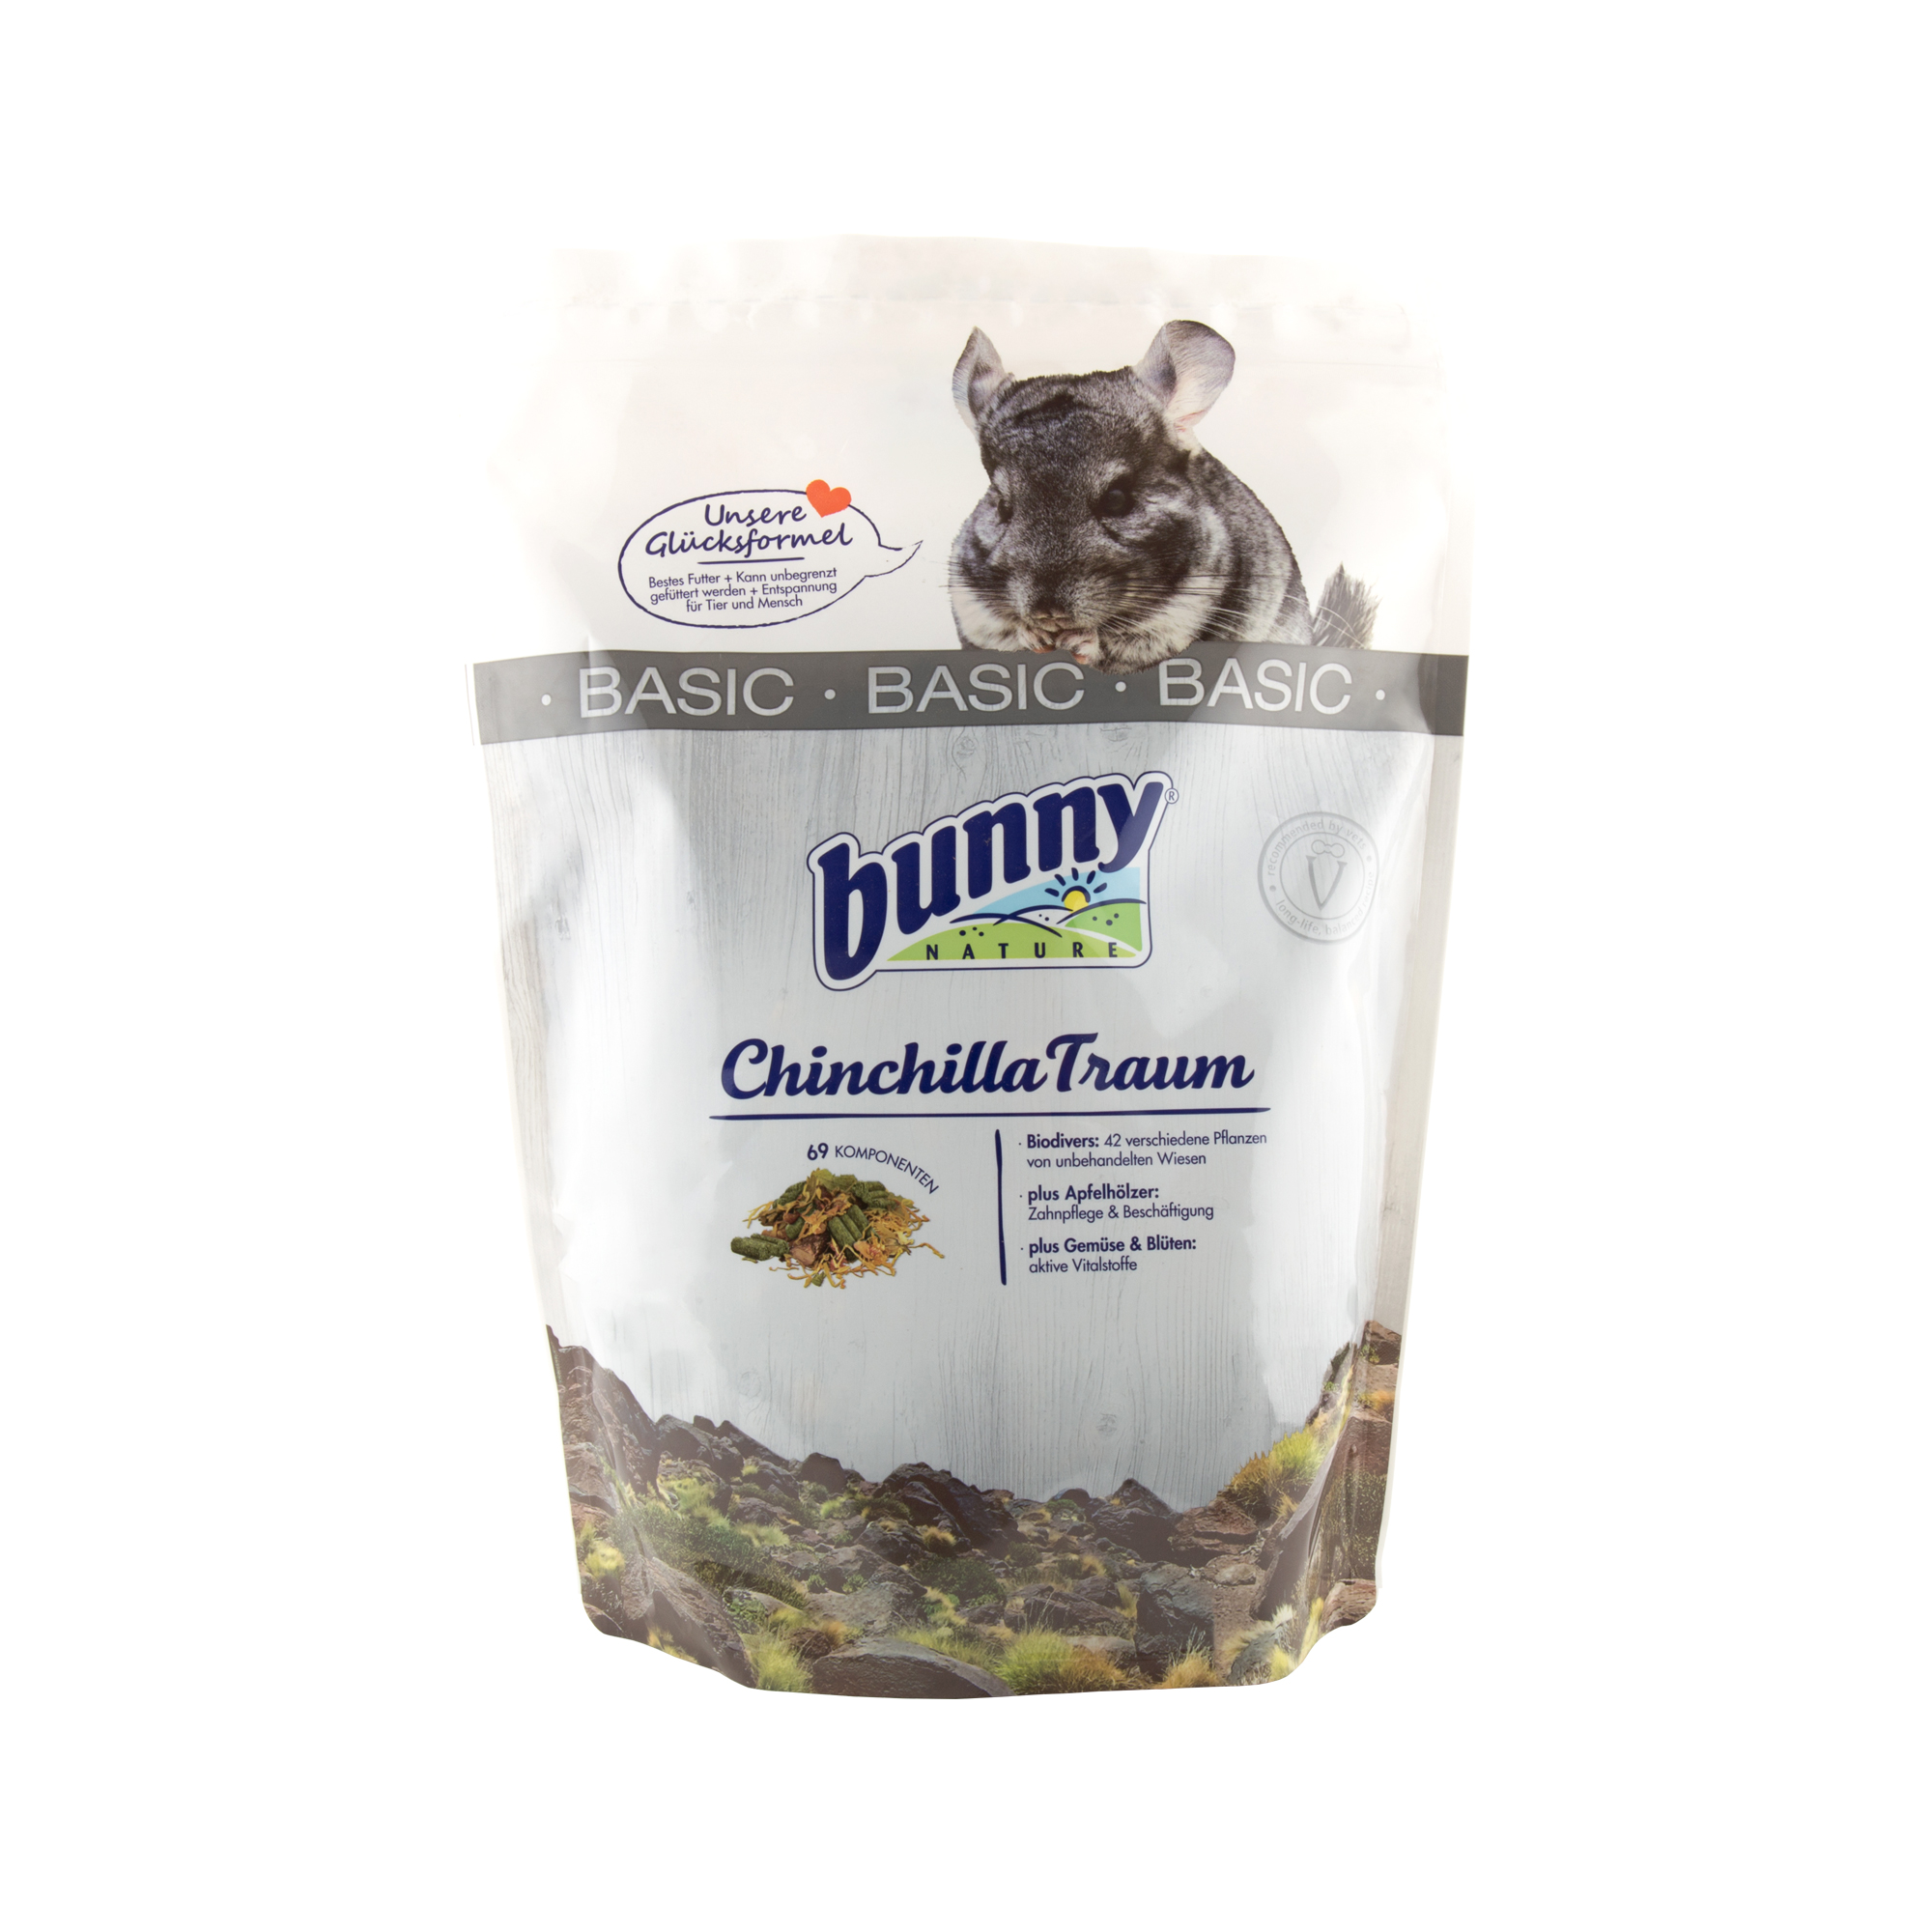 Bunny Nature - Rêve de chinchilla - Basic - 1,2 kg